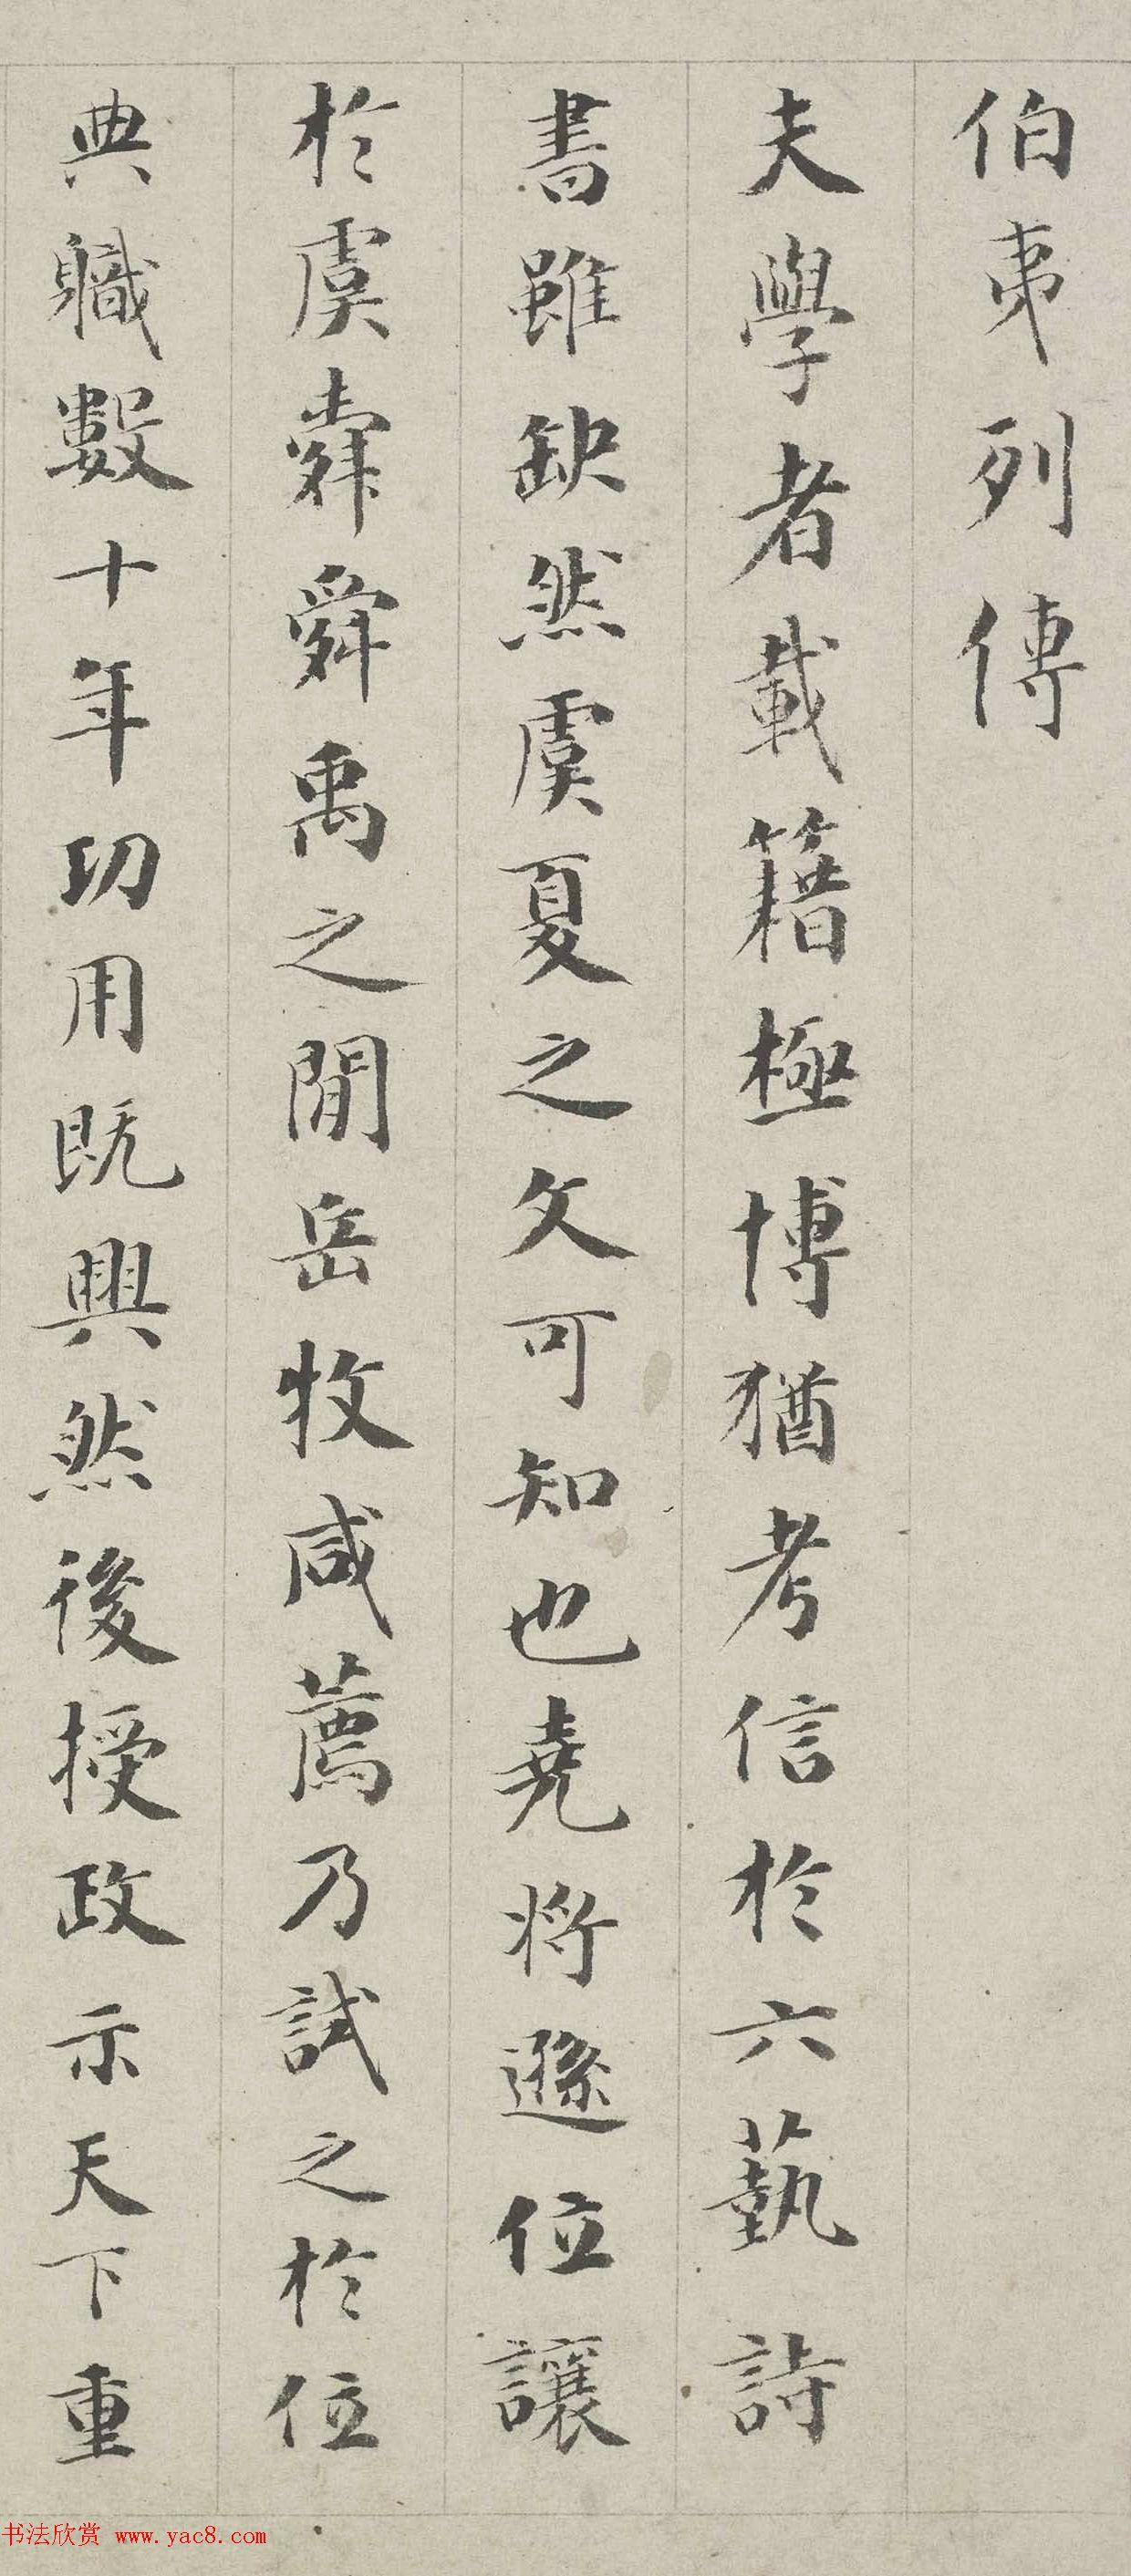 成亲王小楷书法作品欣赏 伯夷列传